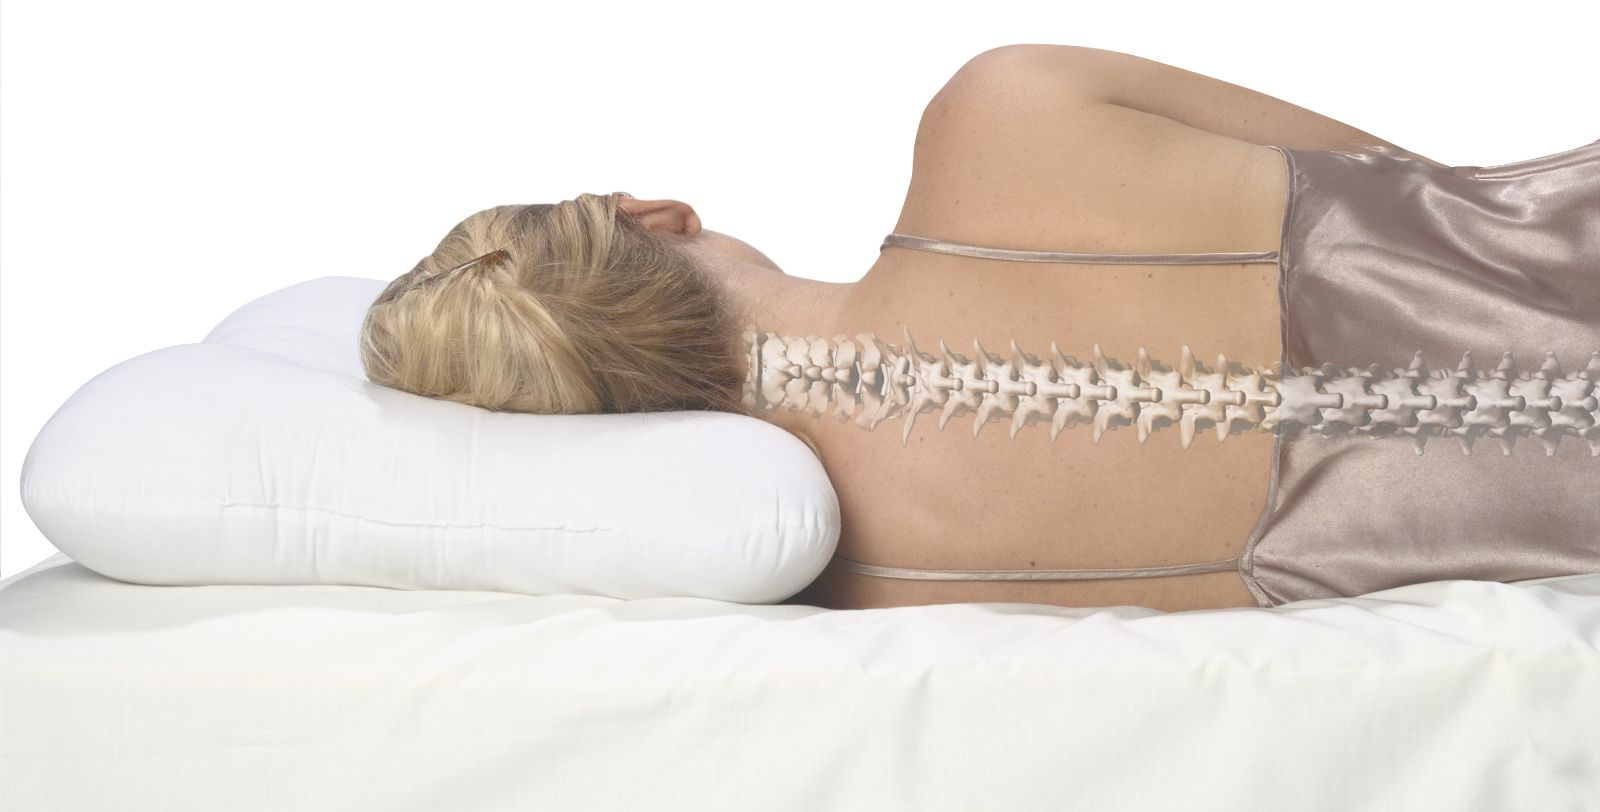 orthofiber 2 0 neck support pillow. Black Bedroom Furniture Sets. Home Design Ideas